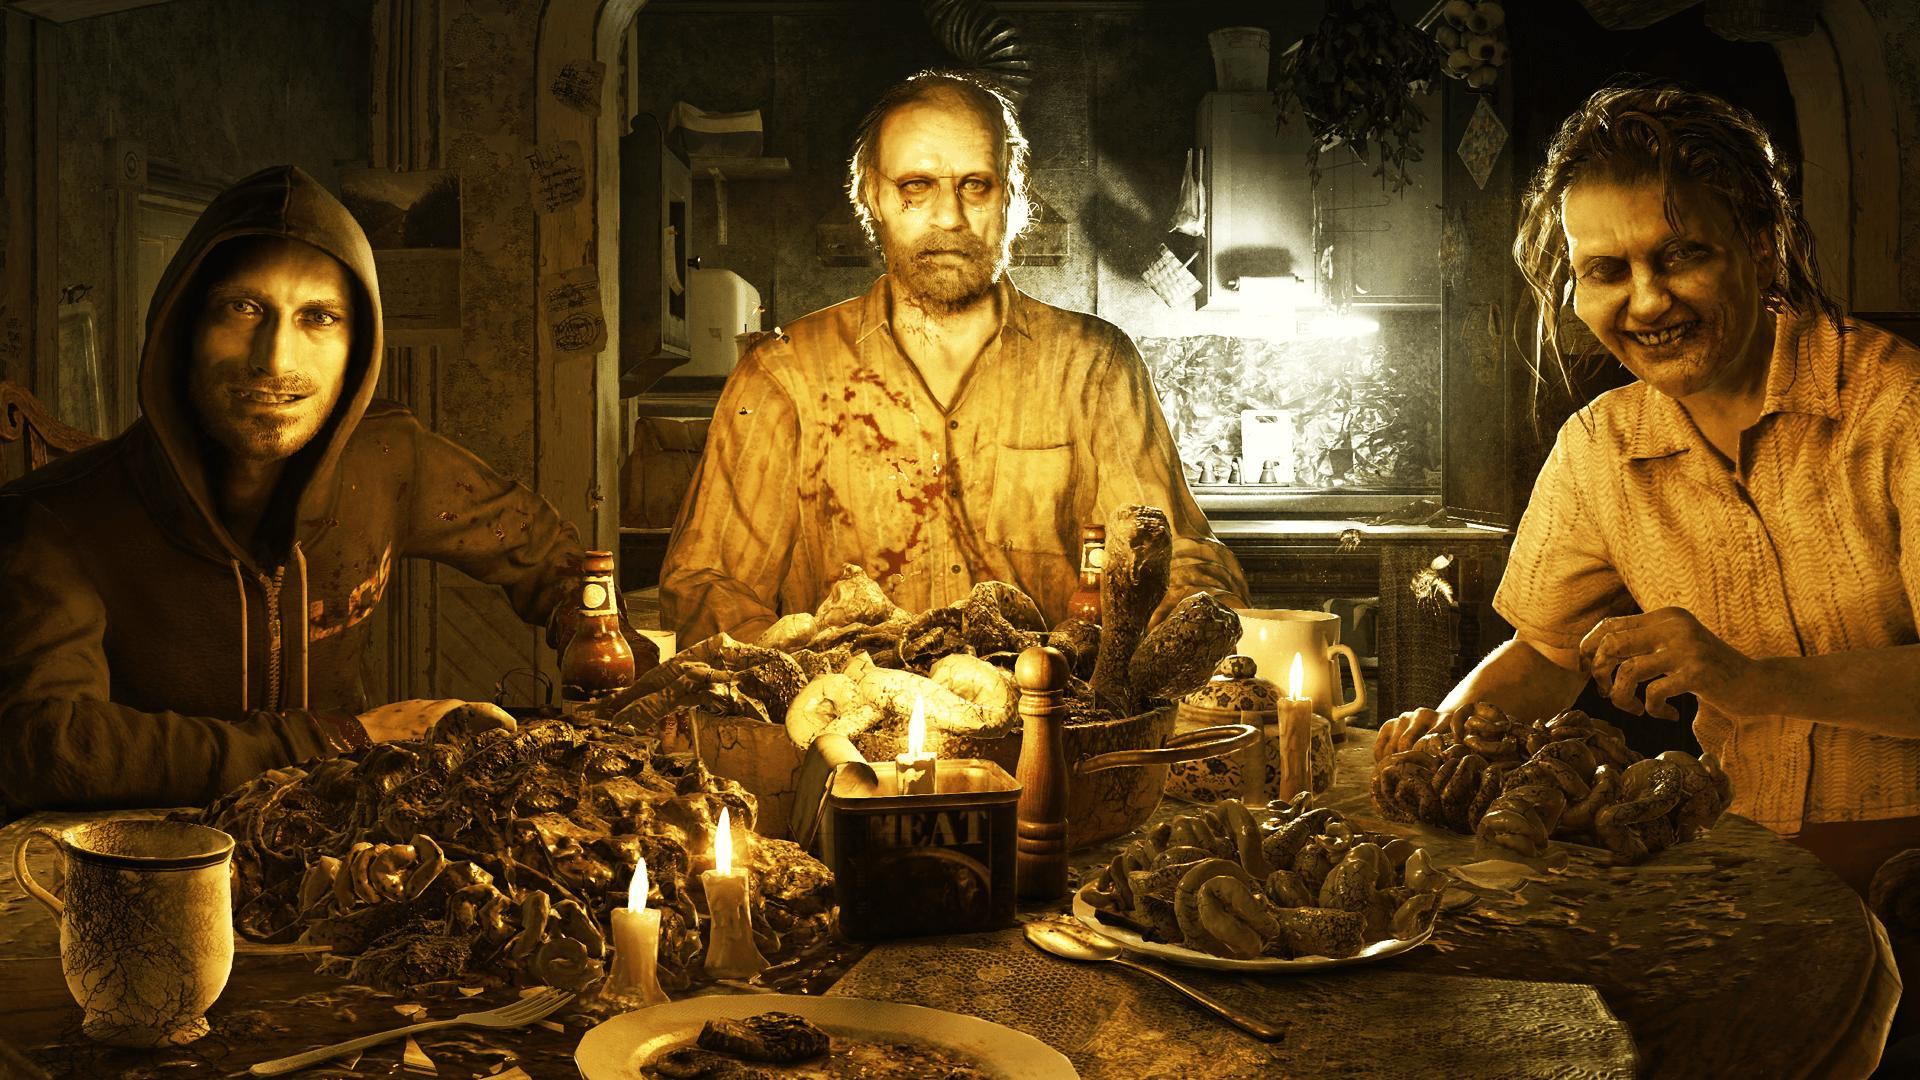 Распродажа игр от Capcom в Steam. Скидки достигают 80%, а игры серии Resident Evil отдают за 19 рублей